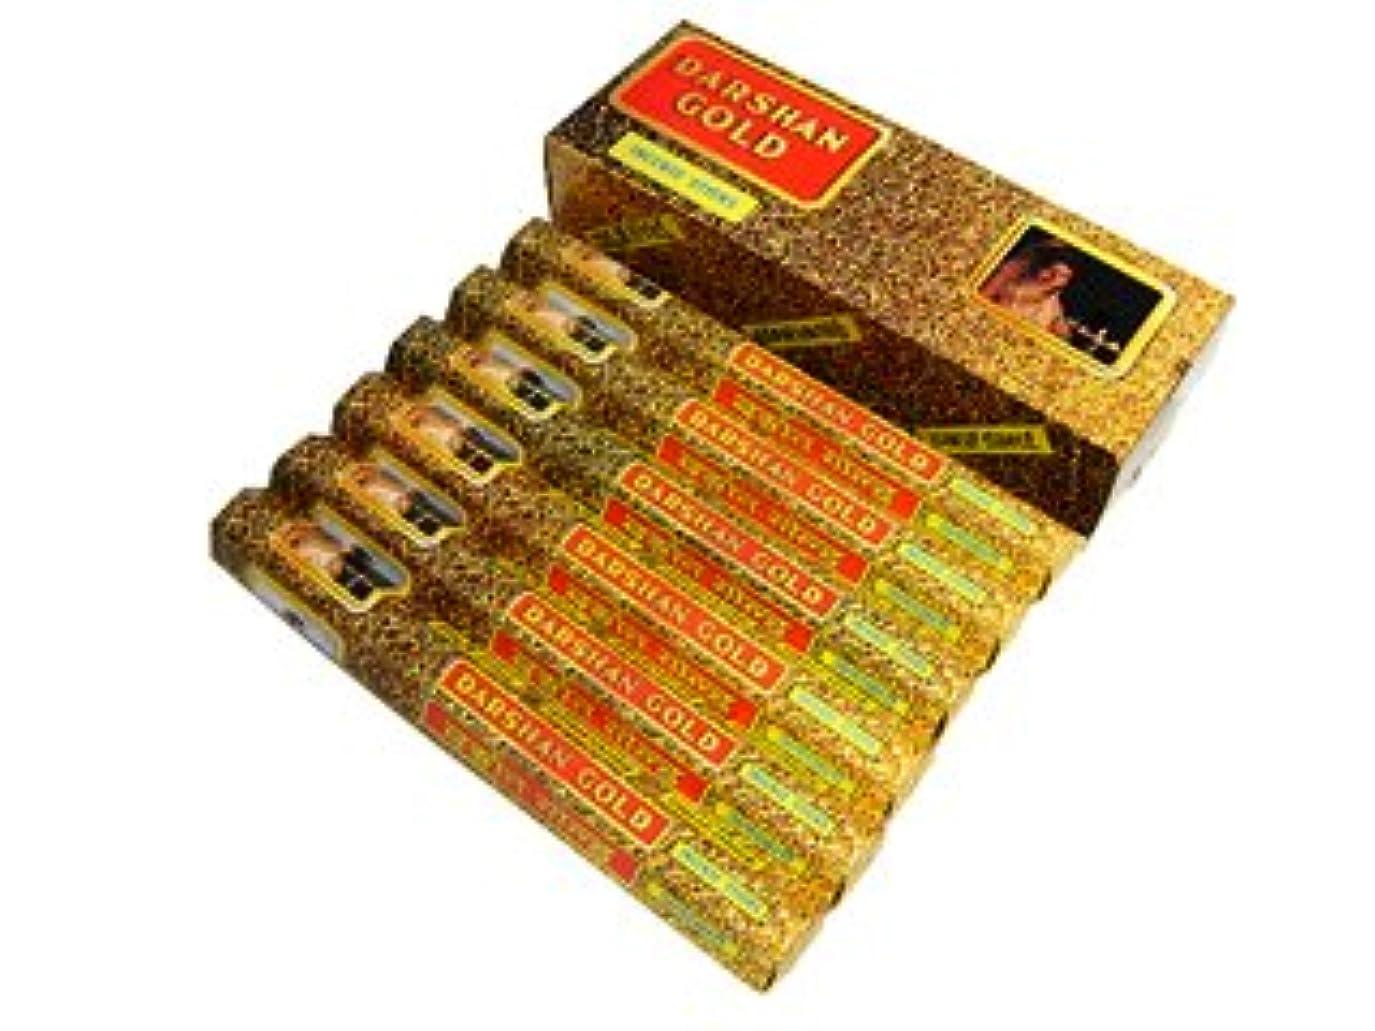 上向きロータリー九月DARSHAN(ダルシャン) ゴールド香 スティック DARSHAN(ダルシャン) 6箱セット